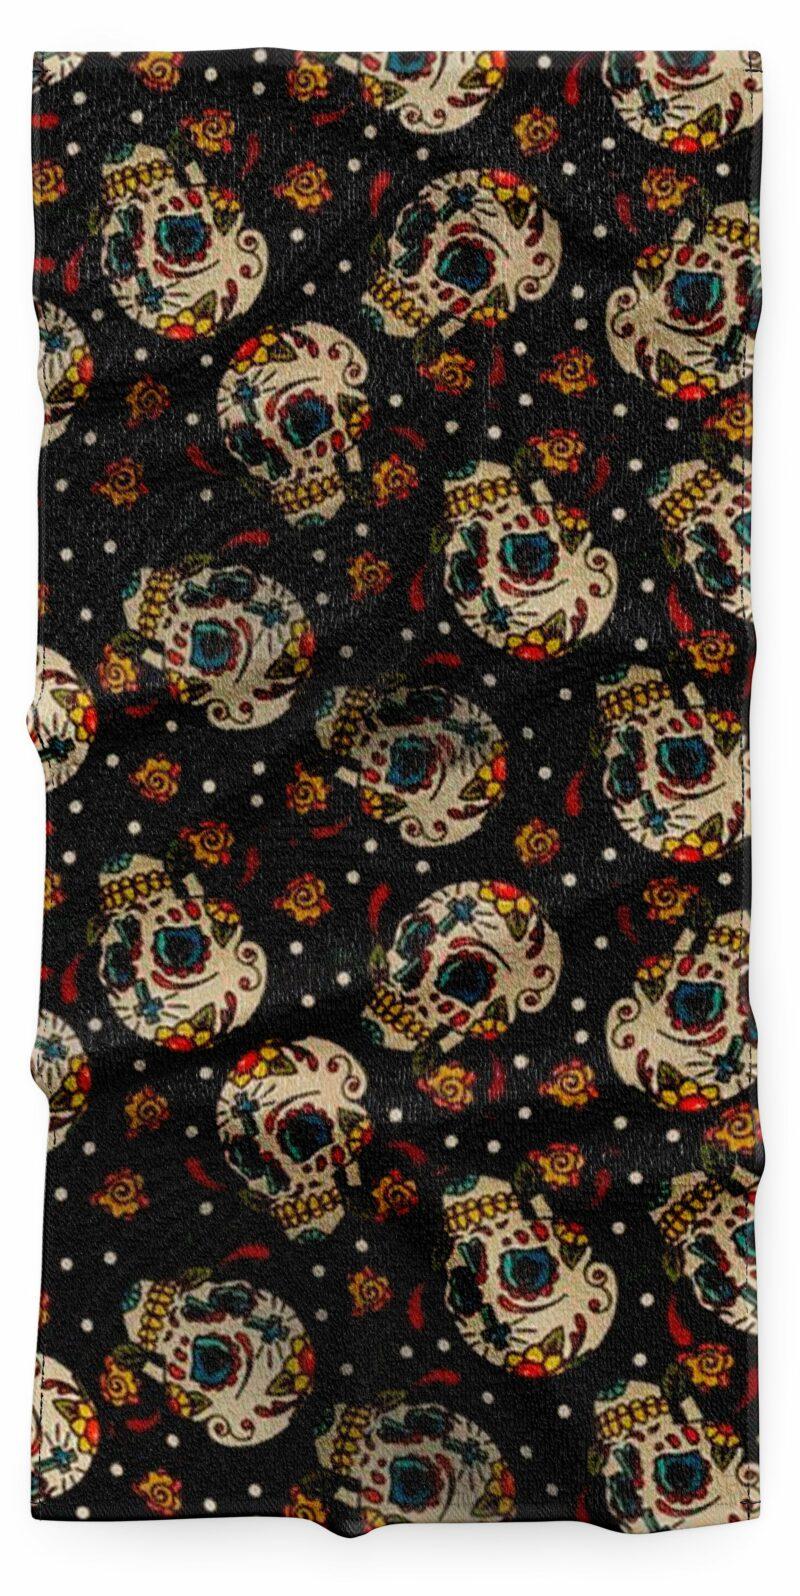 Realistic Mexican Skull Towel